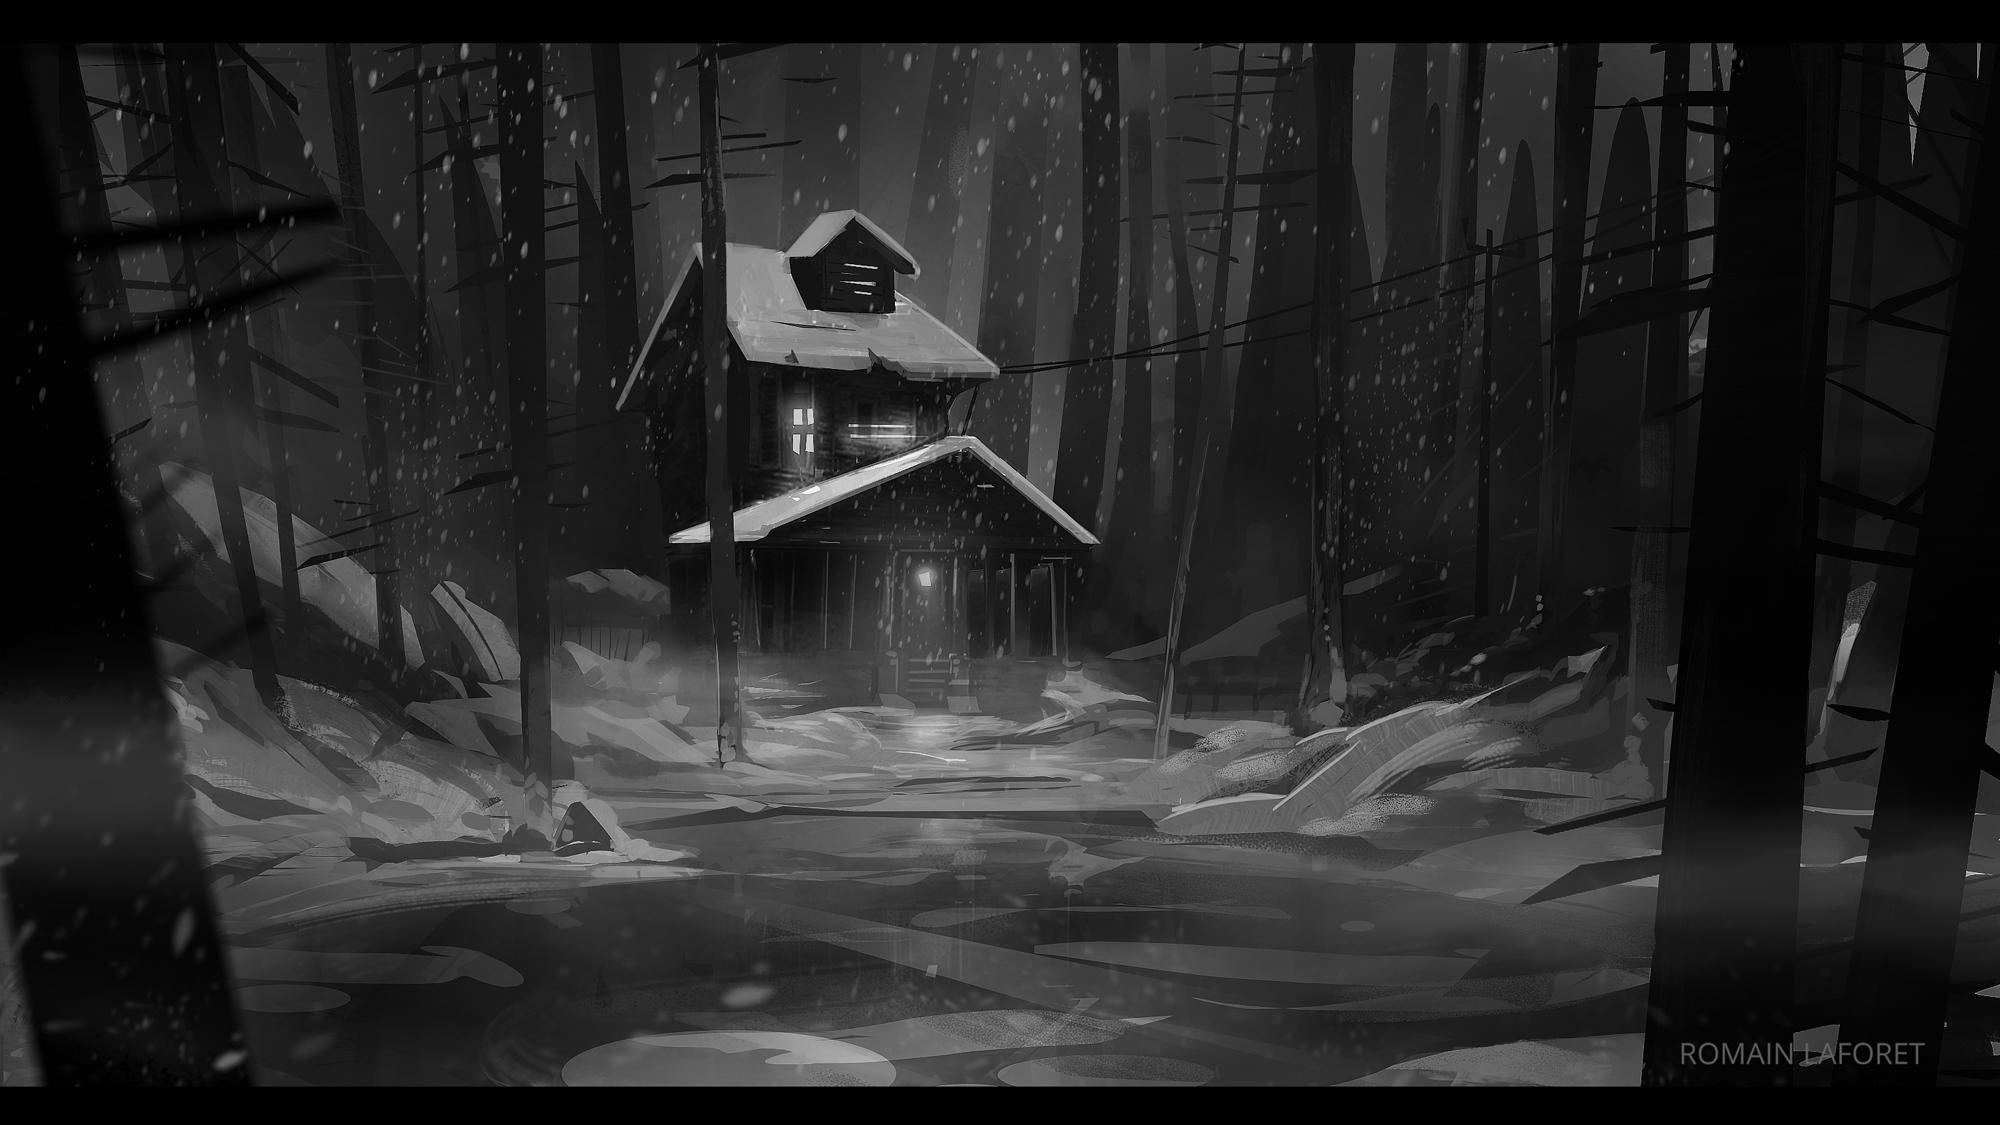 creepy cabin romain laforet concept art noir et blanc